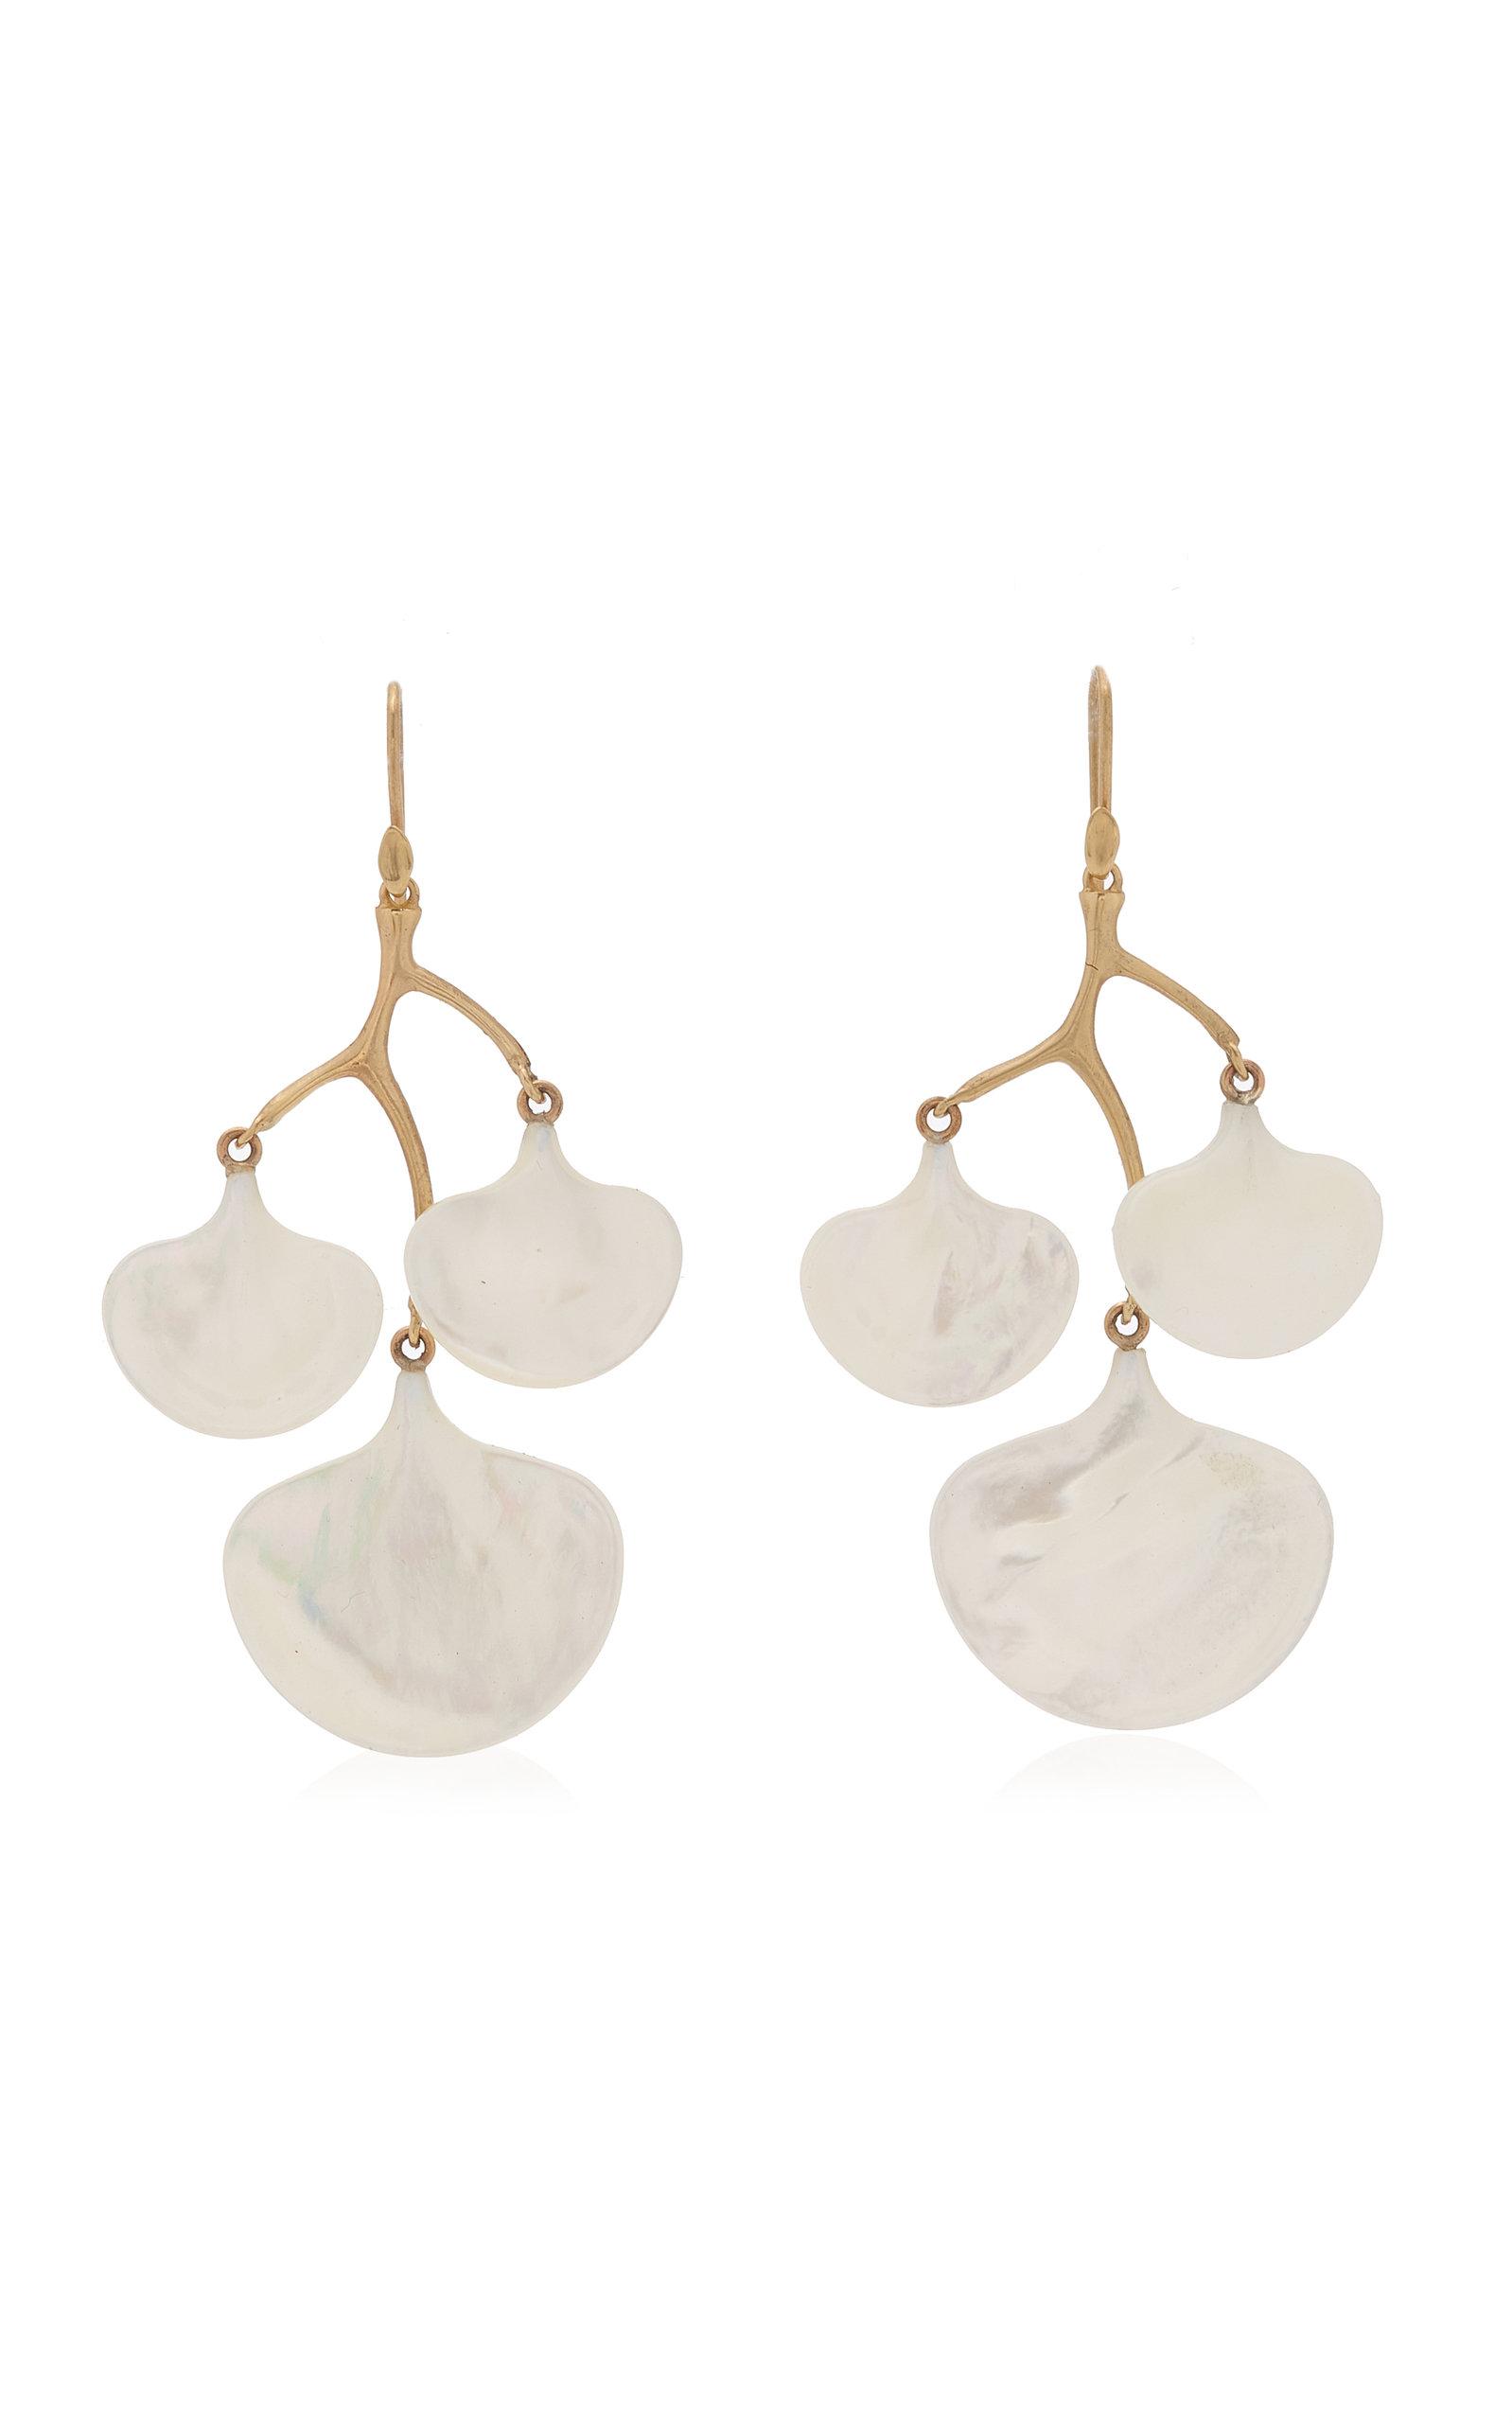 Women's Ginkgo Branch 14K Yellow Gold Mother-Of-Pearl Earrings